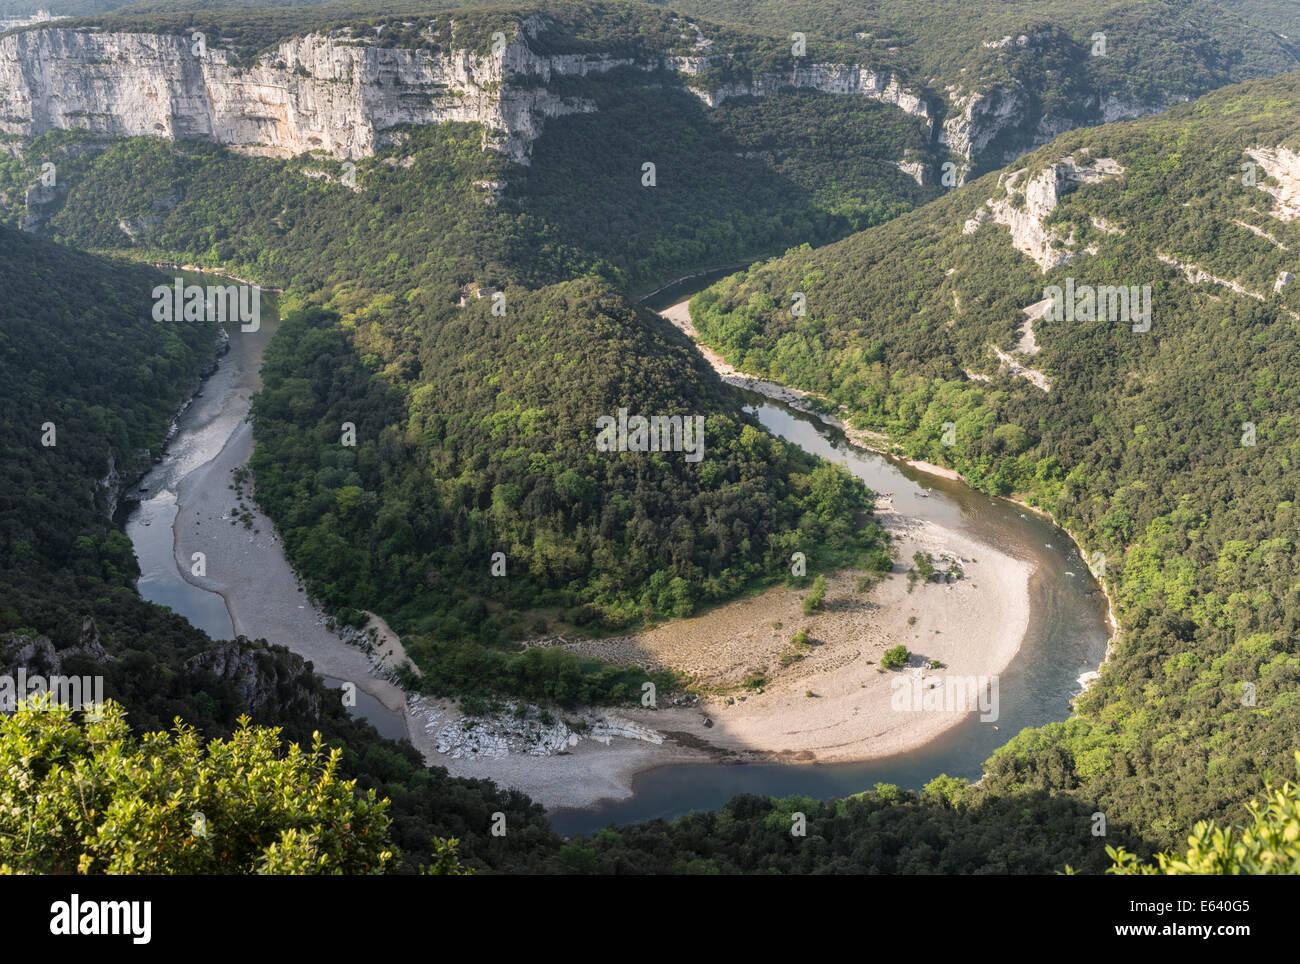 Ardèche Gorges, Gorges de l'Ardèche, view from the Balcon des Templiers lookout to the Cirque de la - Stock Image